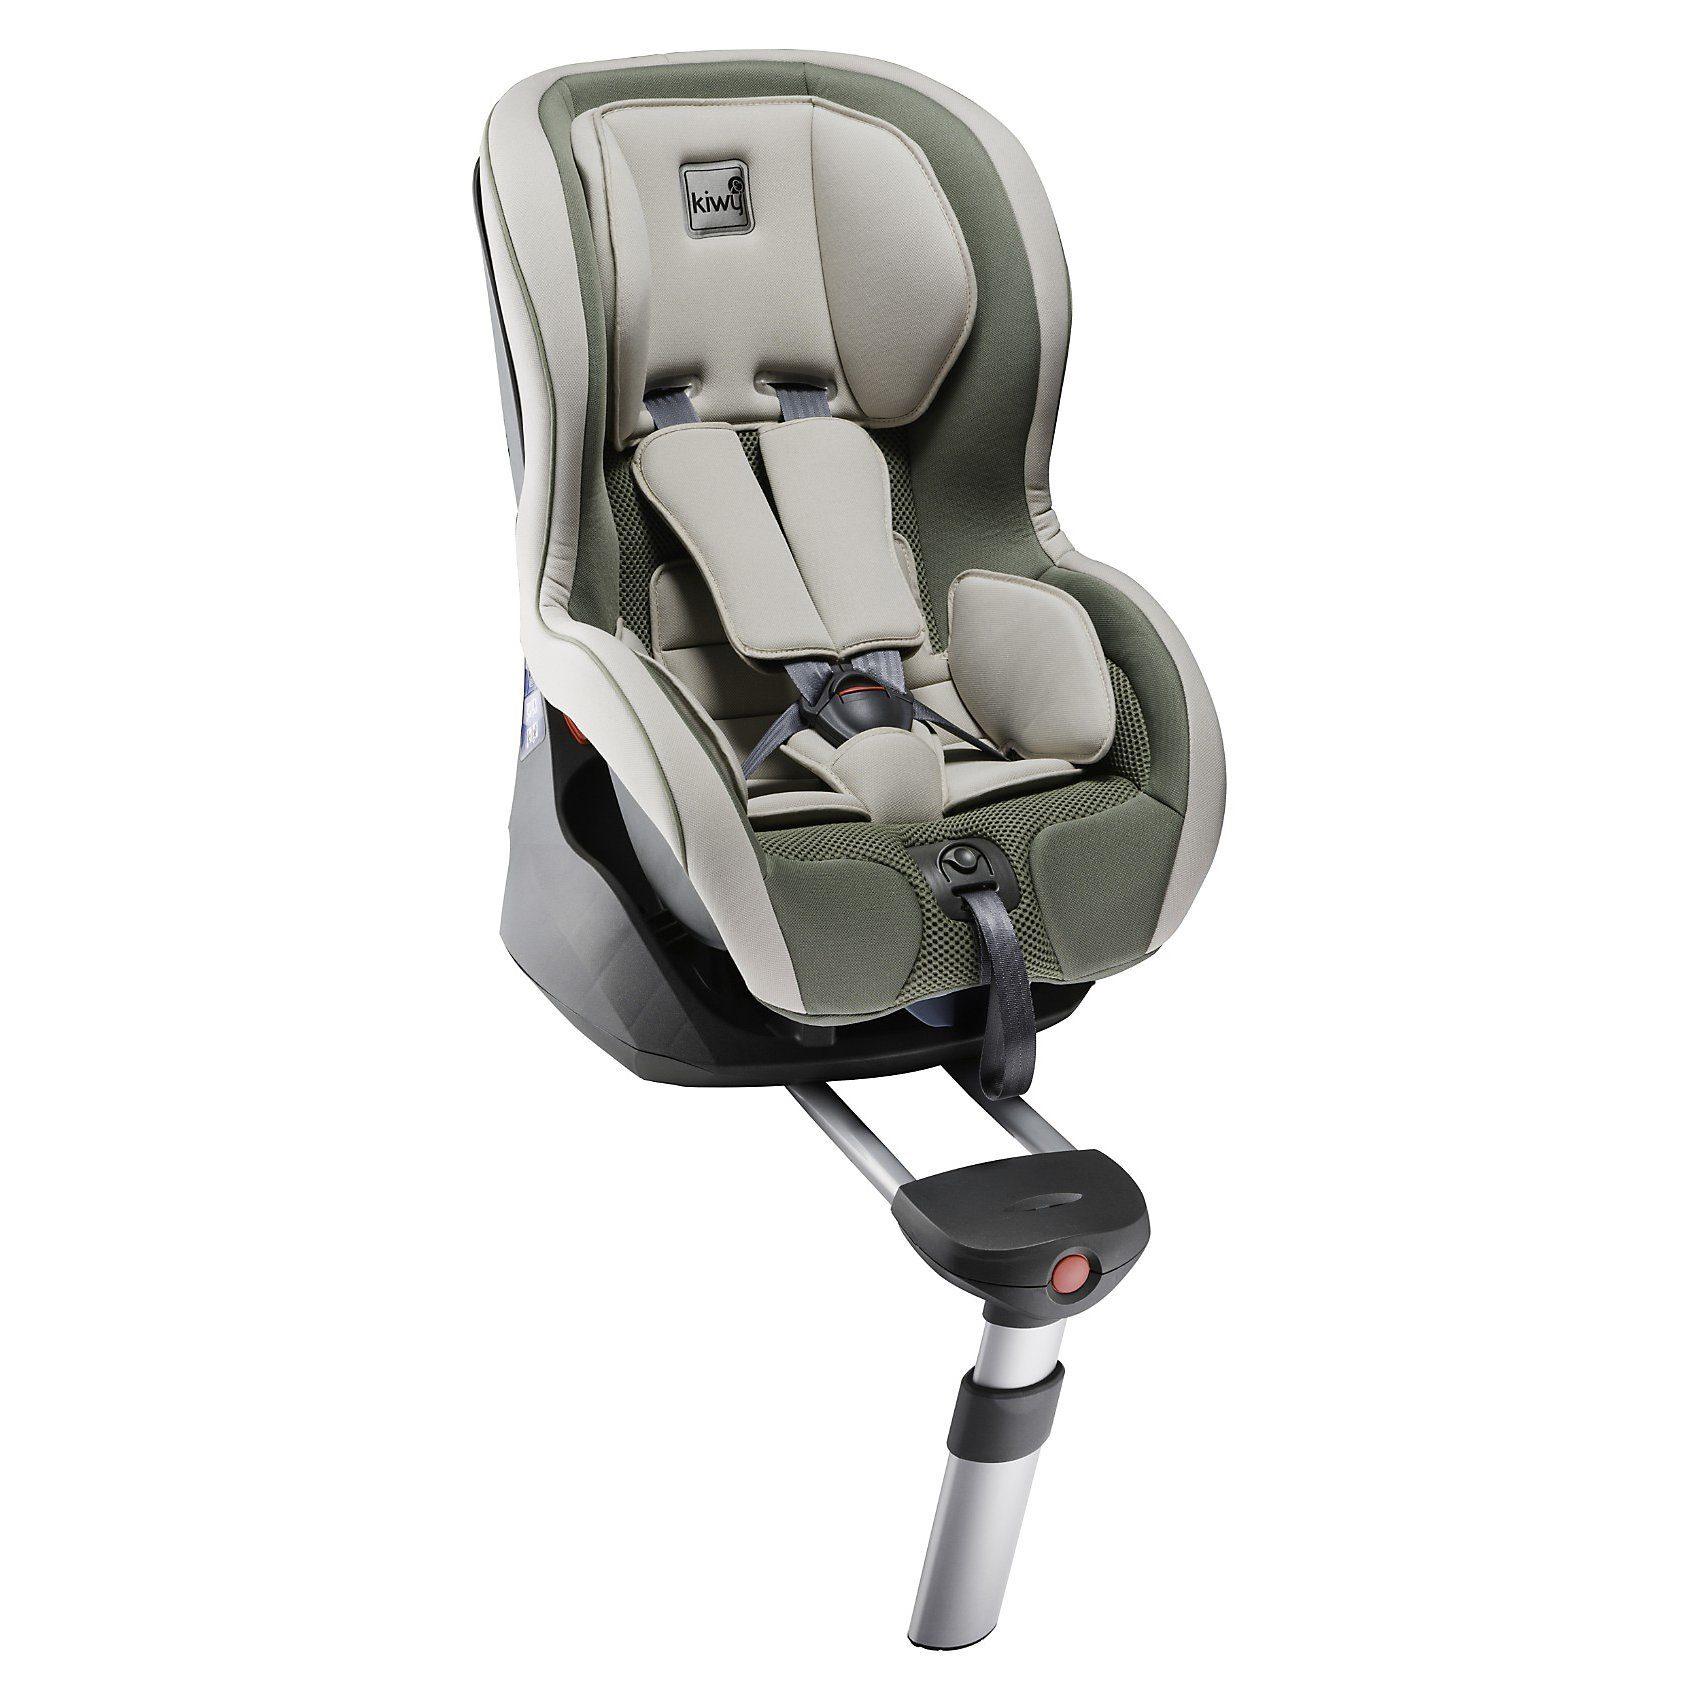 Kiwy Auto-Kindersitz SPF1 SA-ATS, Isofix, Aloe, 2016